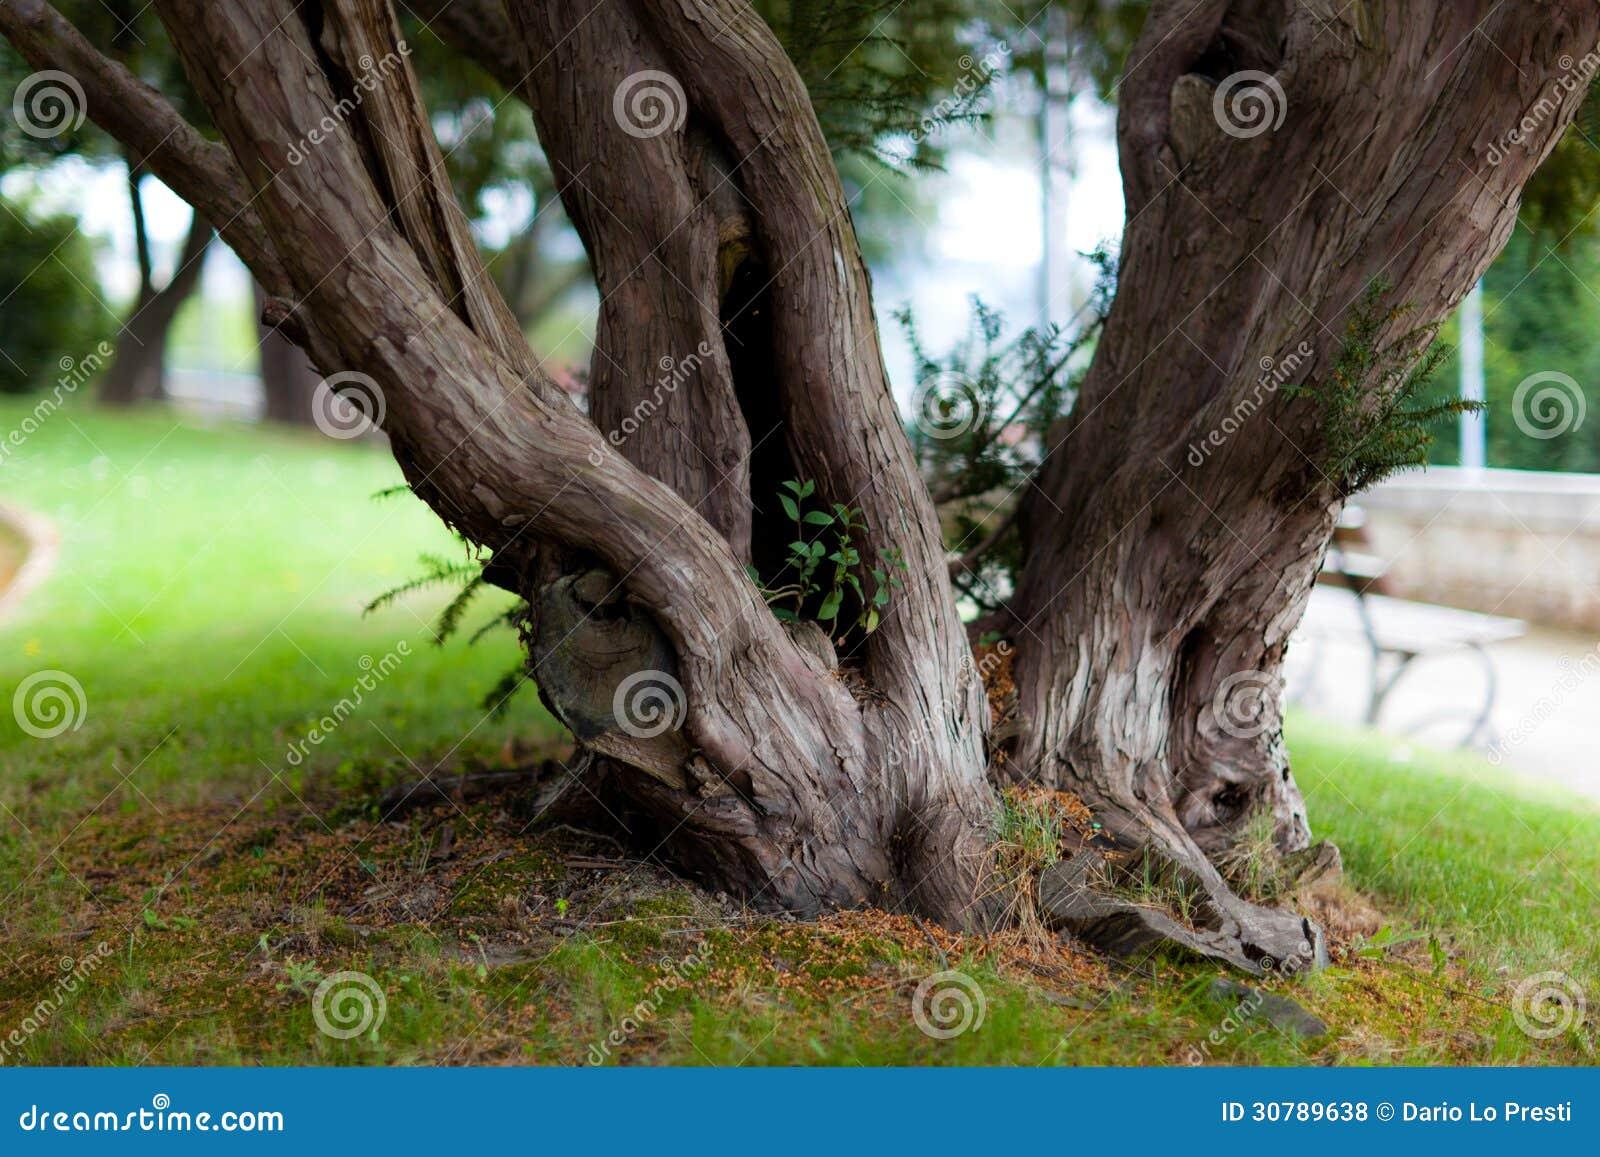 vieux tronc d 39 arbre photo stock image du trunk grand 30789638. Black Bedroom Furniture Sets. Home Design Ideas